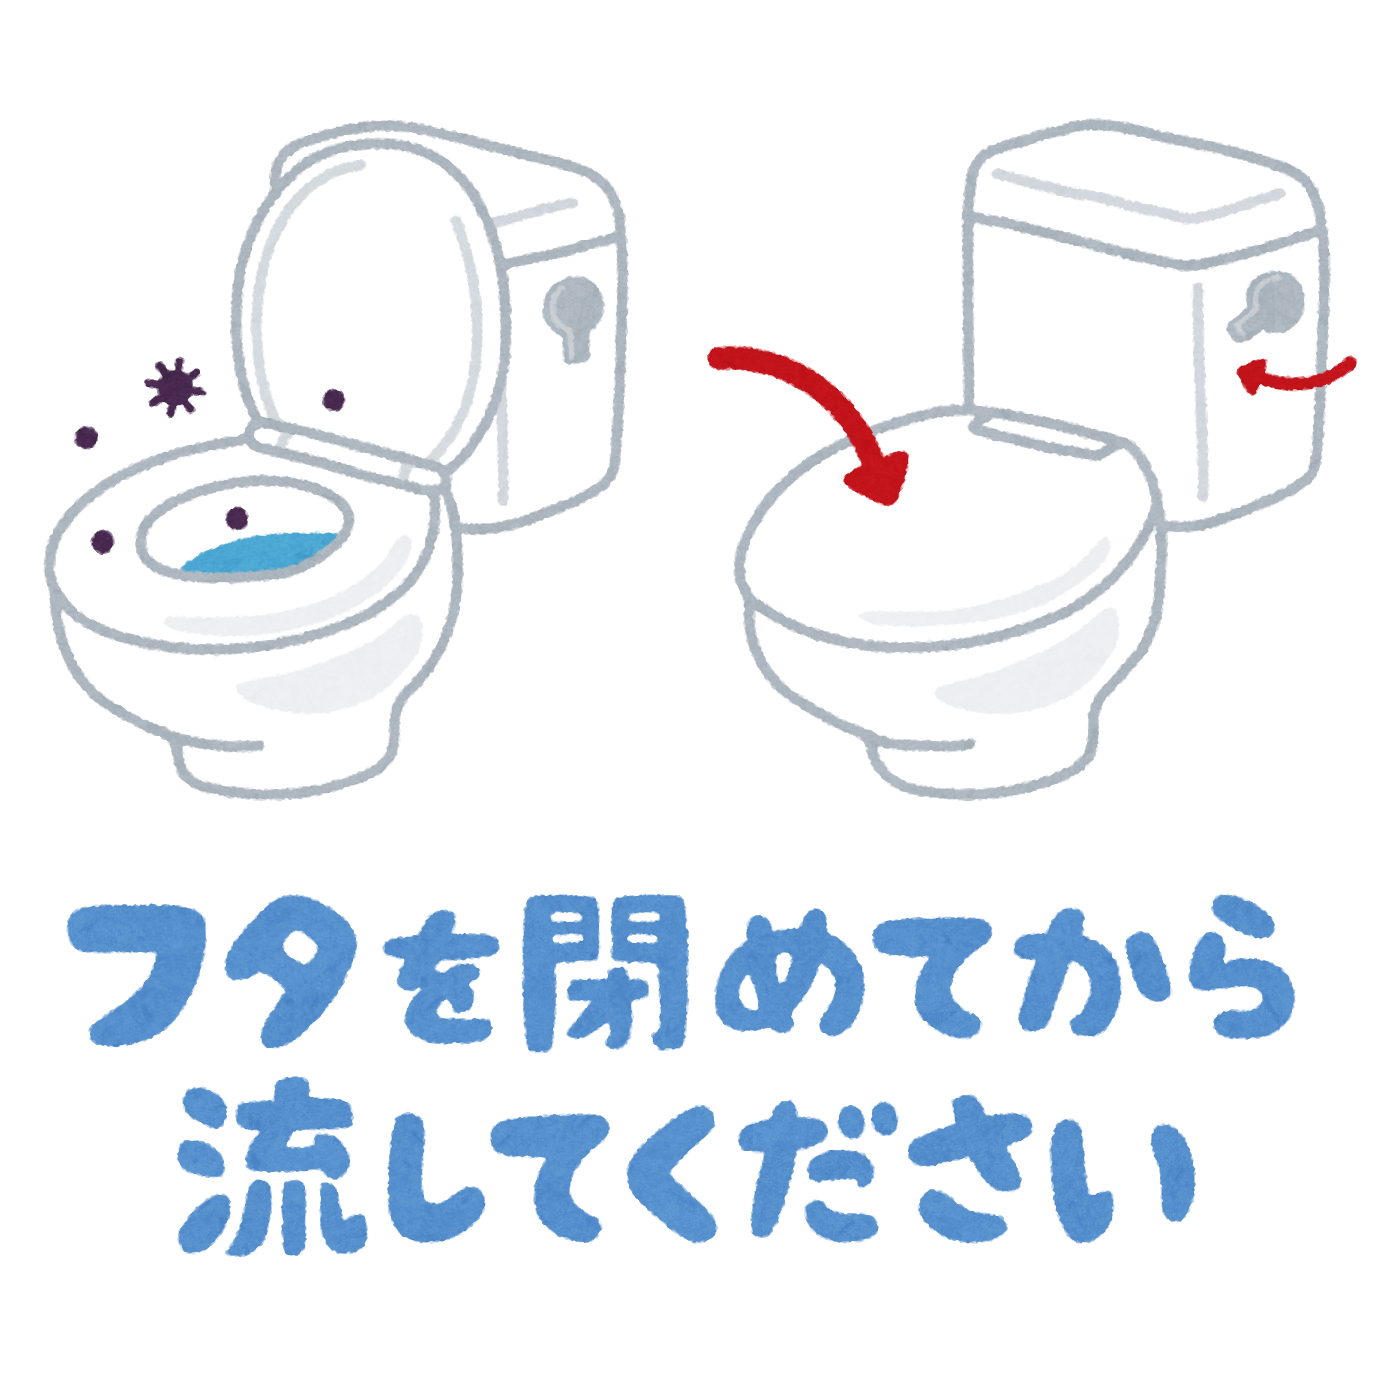 フタを締めてから流して下さい のイラスト トイレ かわいいフリー素材集 いらすとや